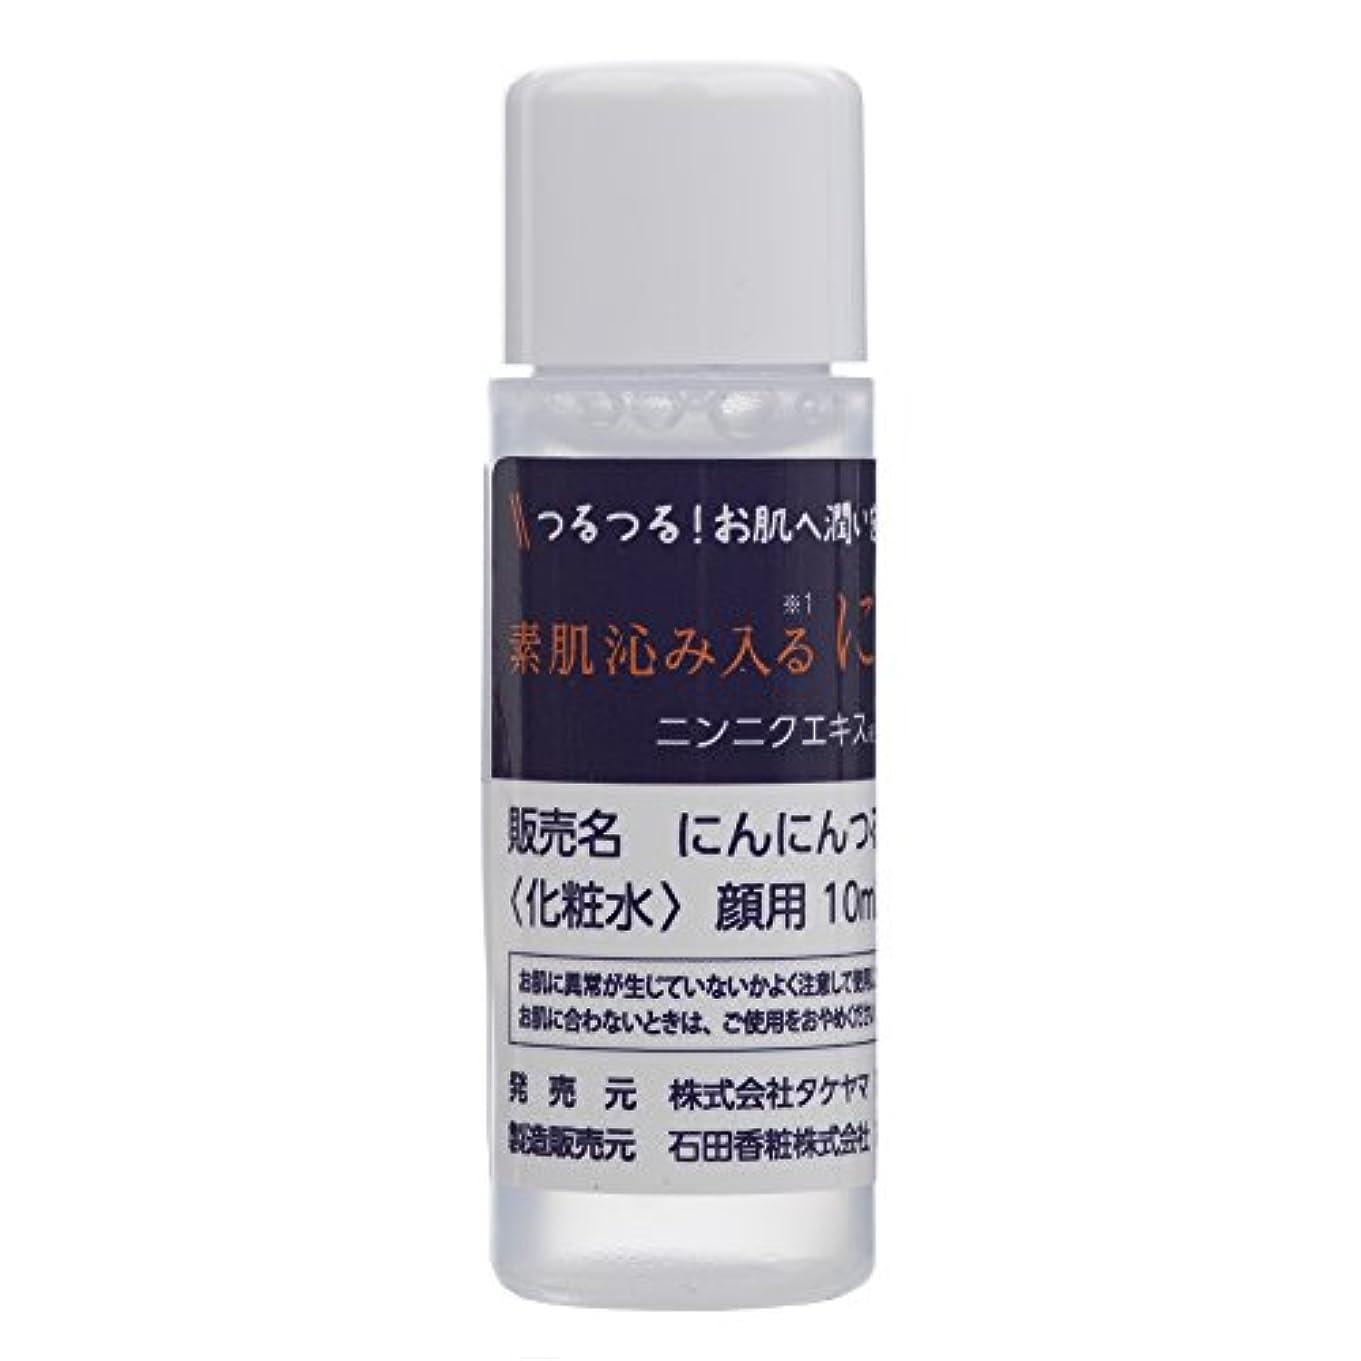 将来のインデックス司教にんにんつるり お肌の健康と潤いを保つ化粧水です。 10ml